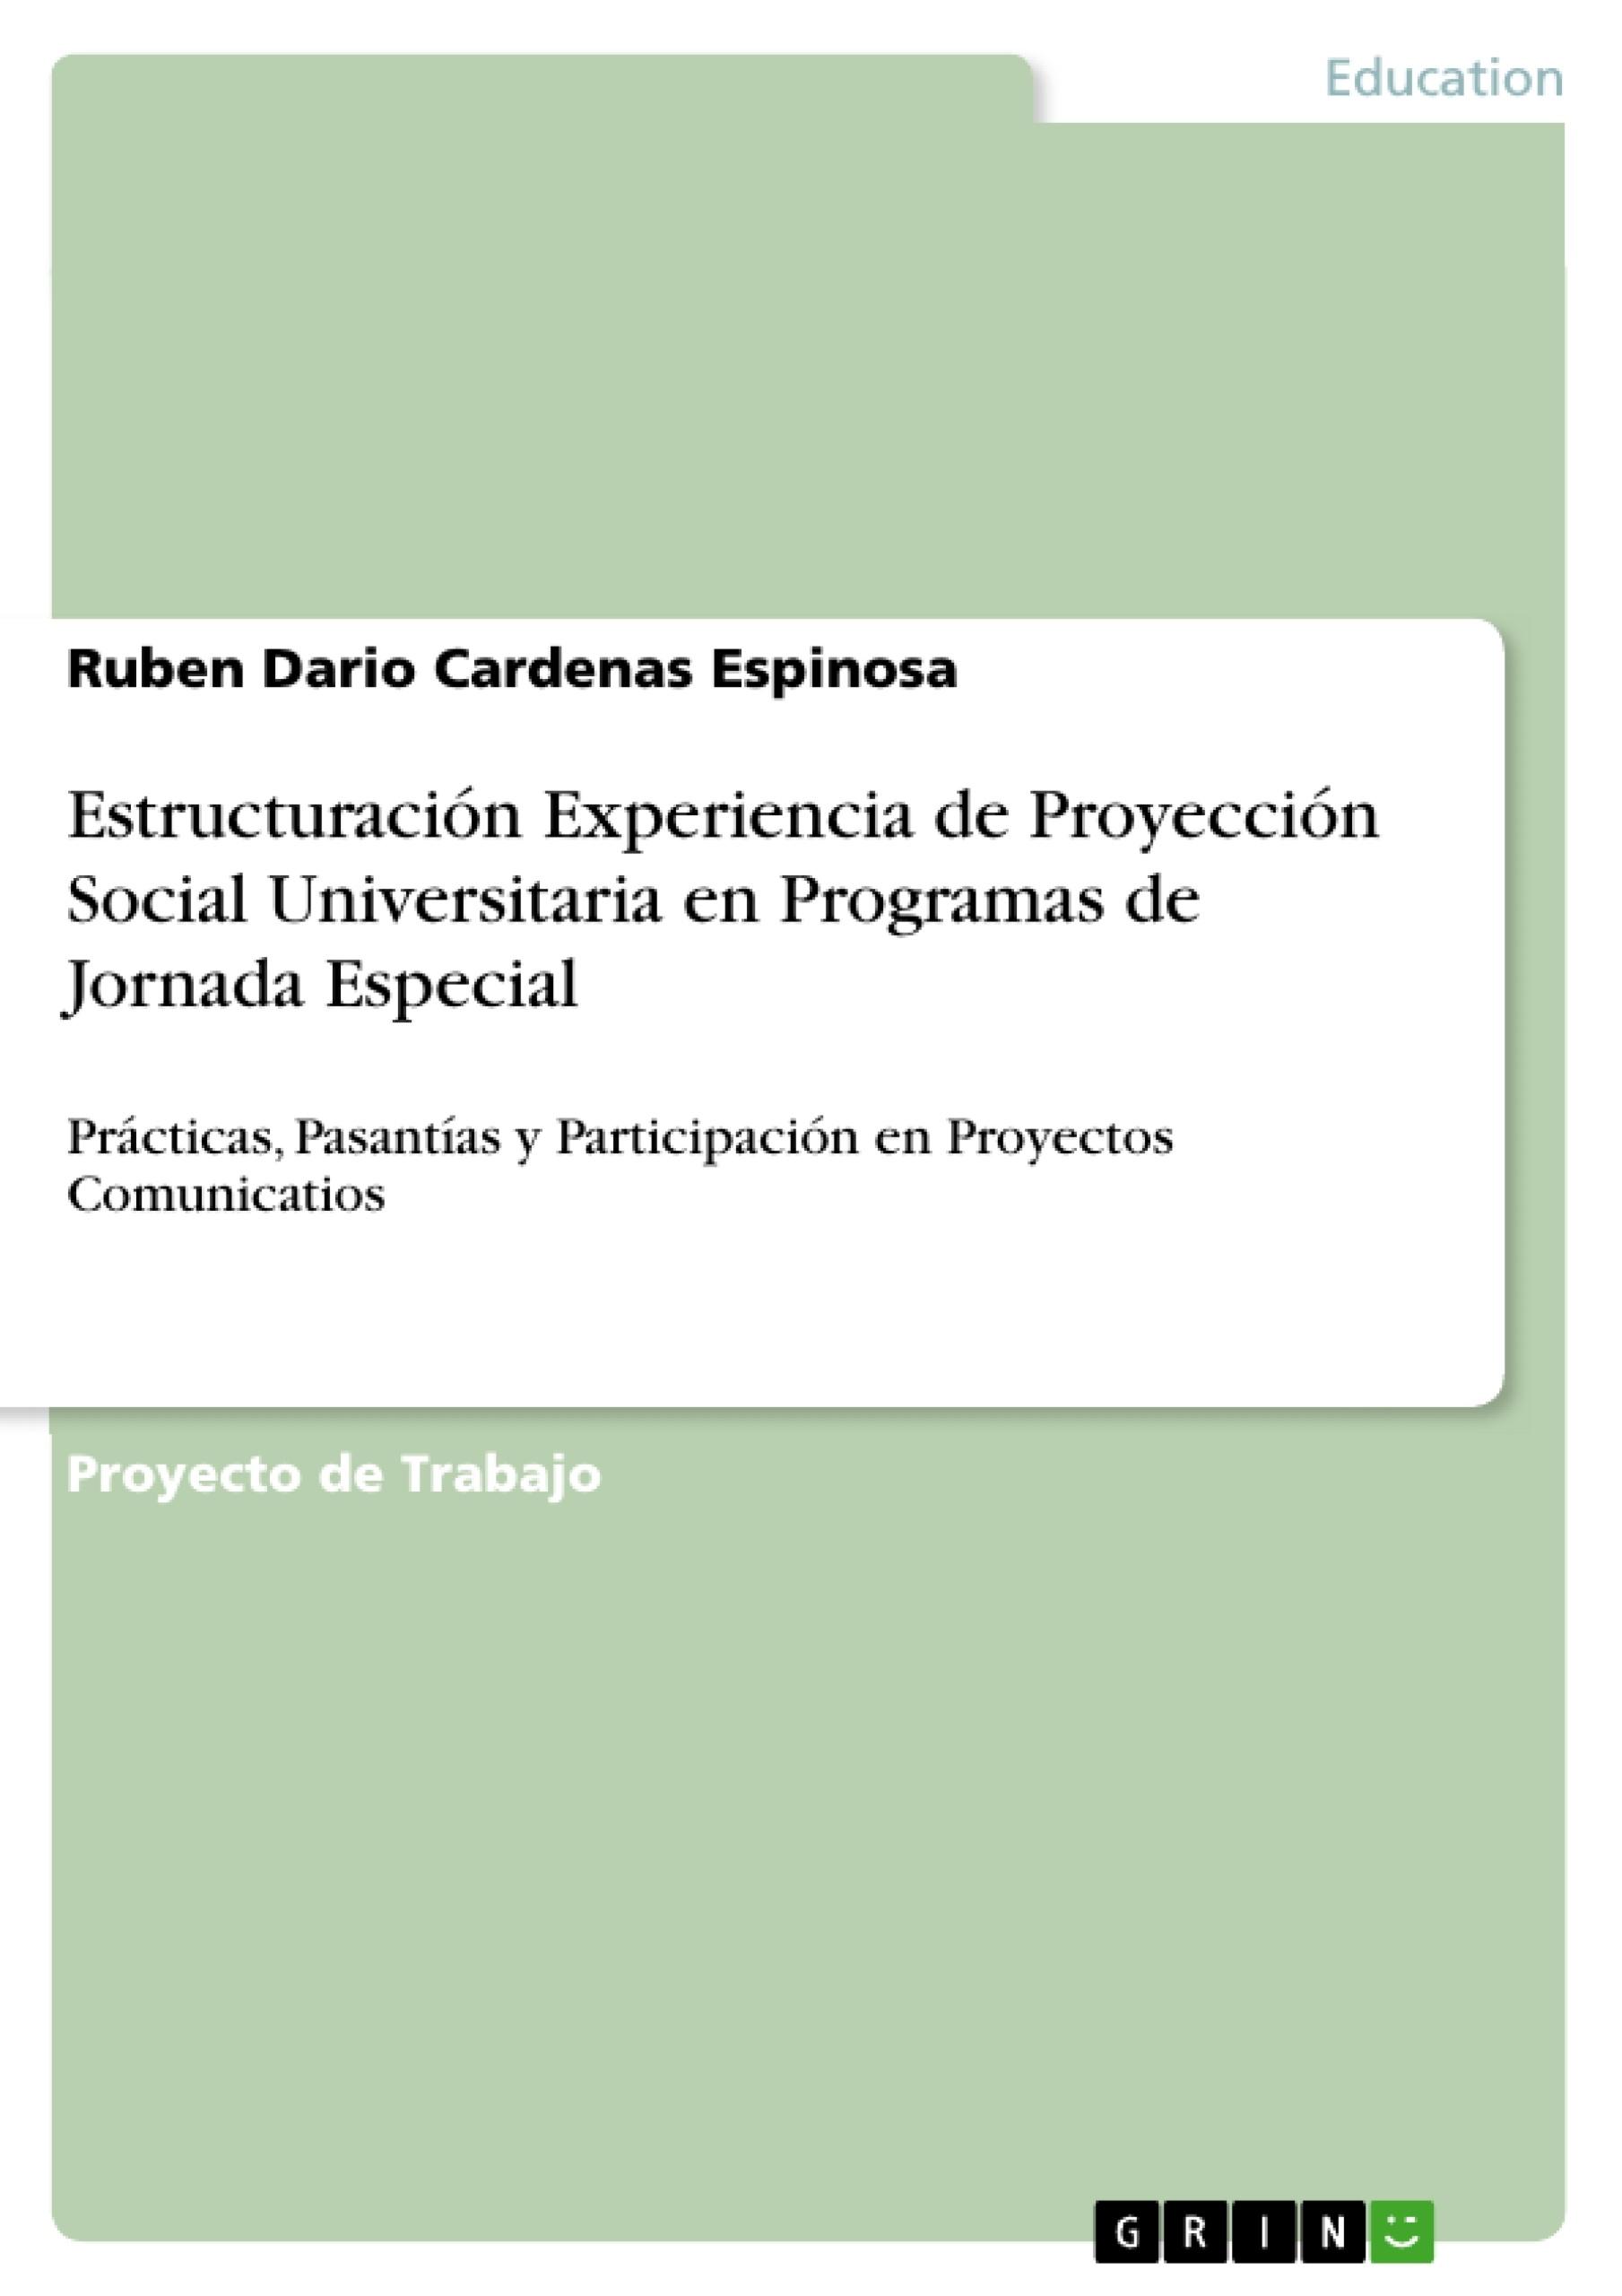 Título: Estructuración Experiencia de Proyección Social Universitaria en Programas de Jornada Especial